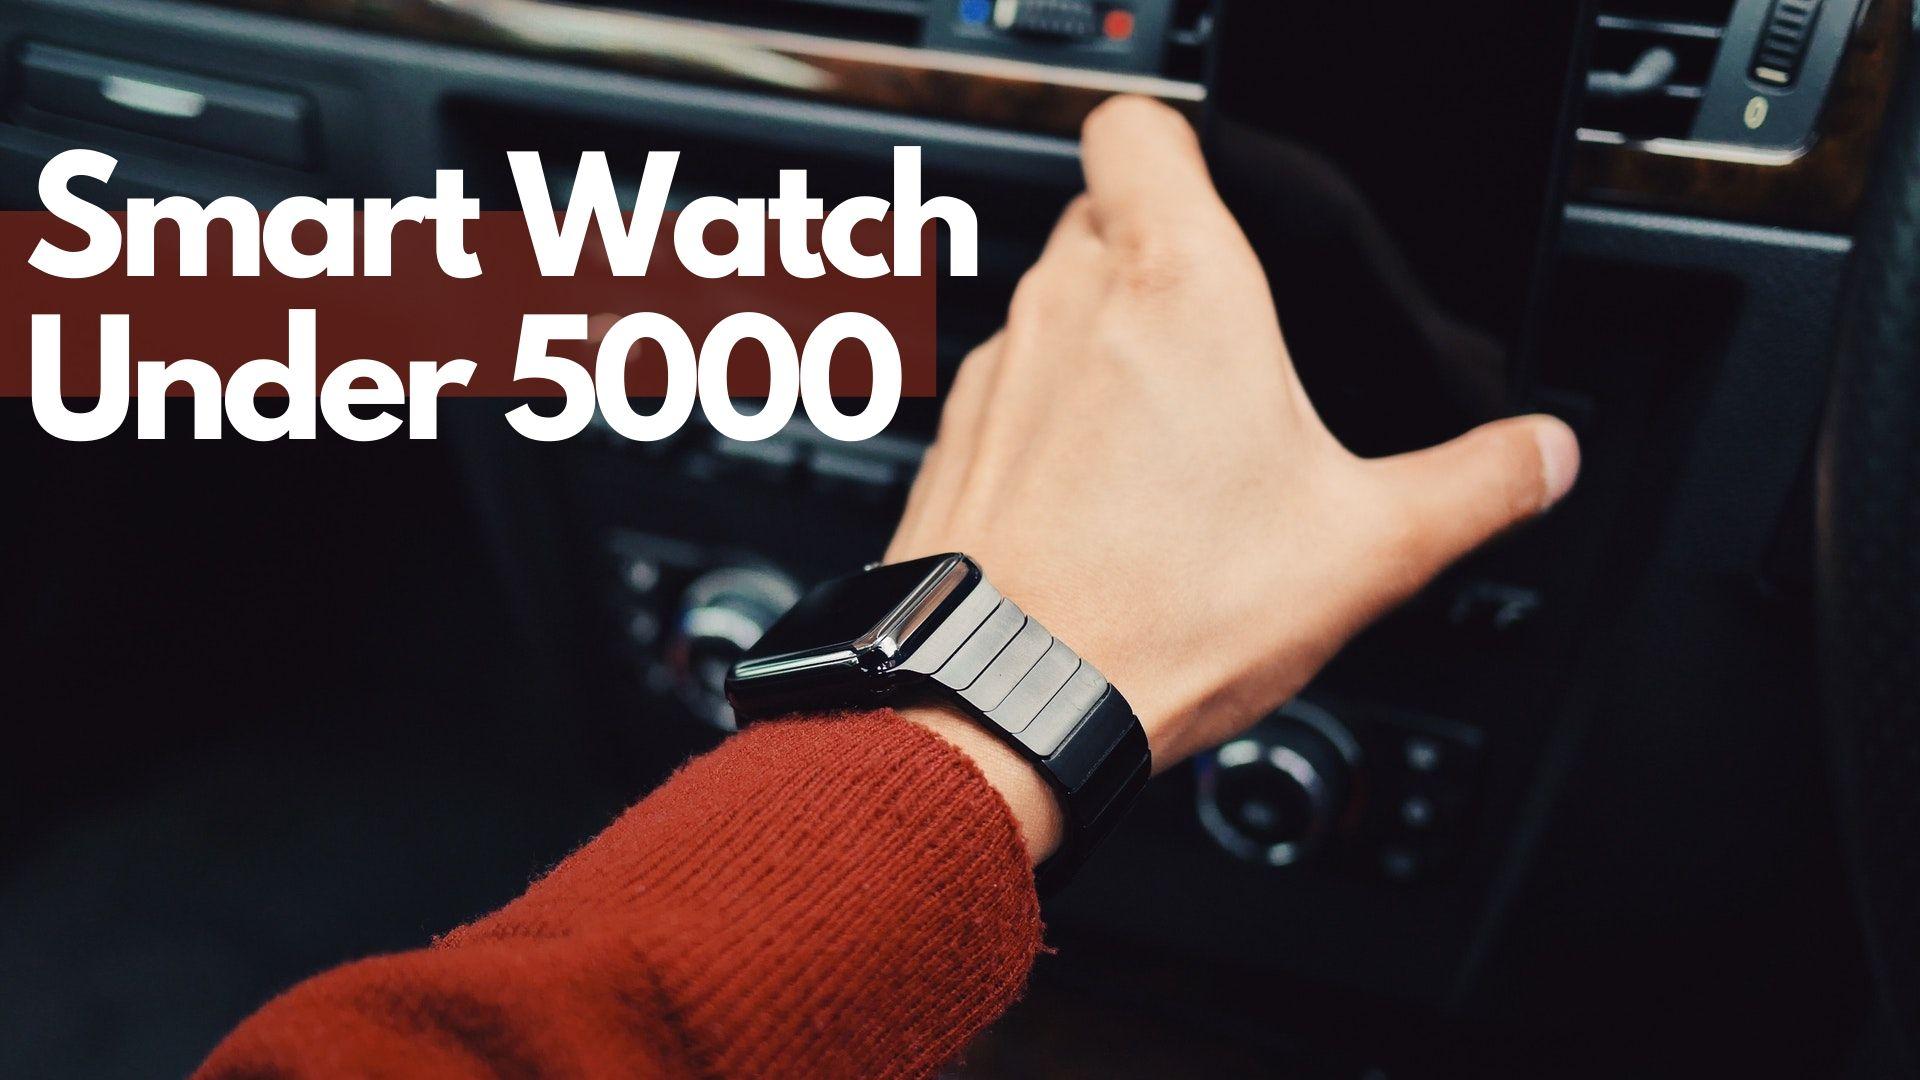 Smart watch Under 5000